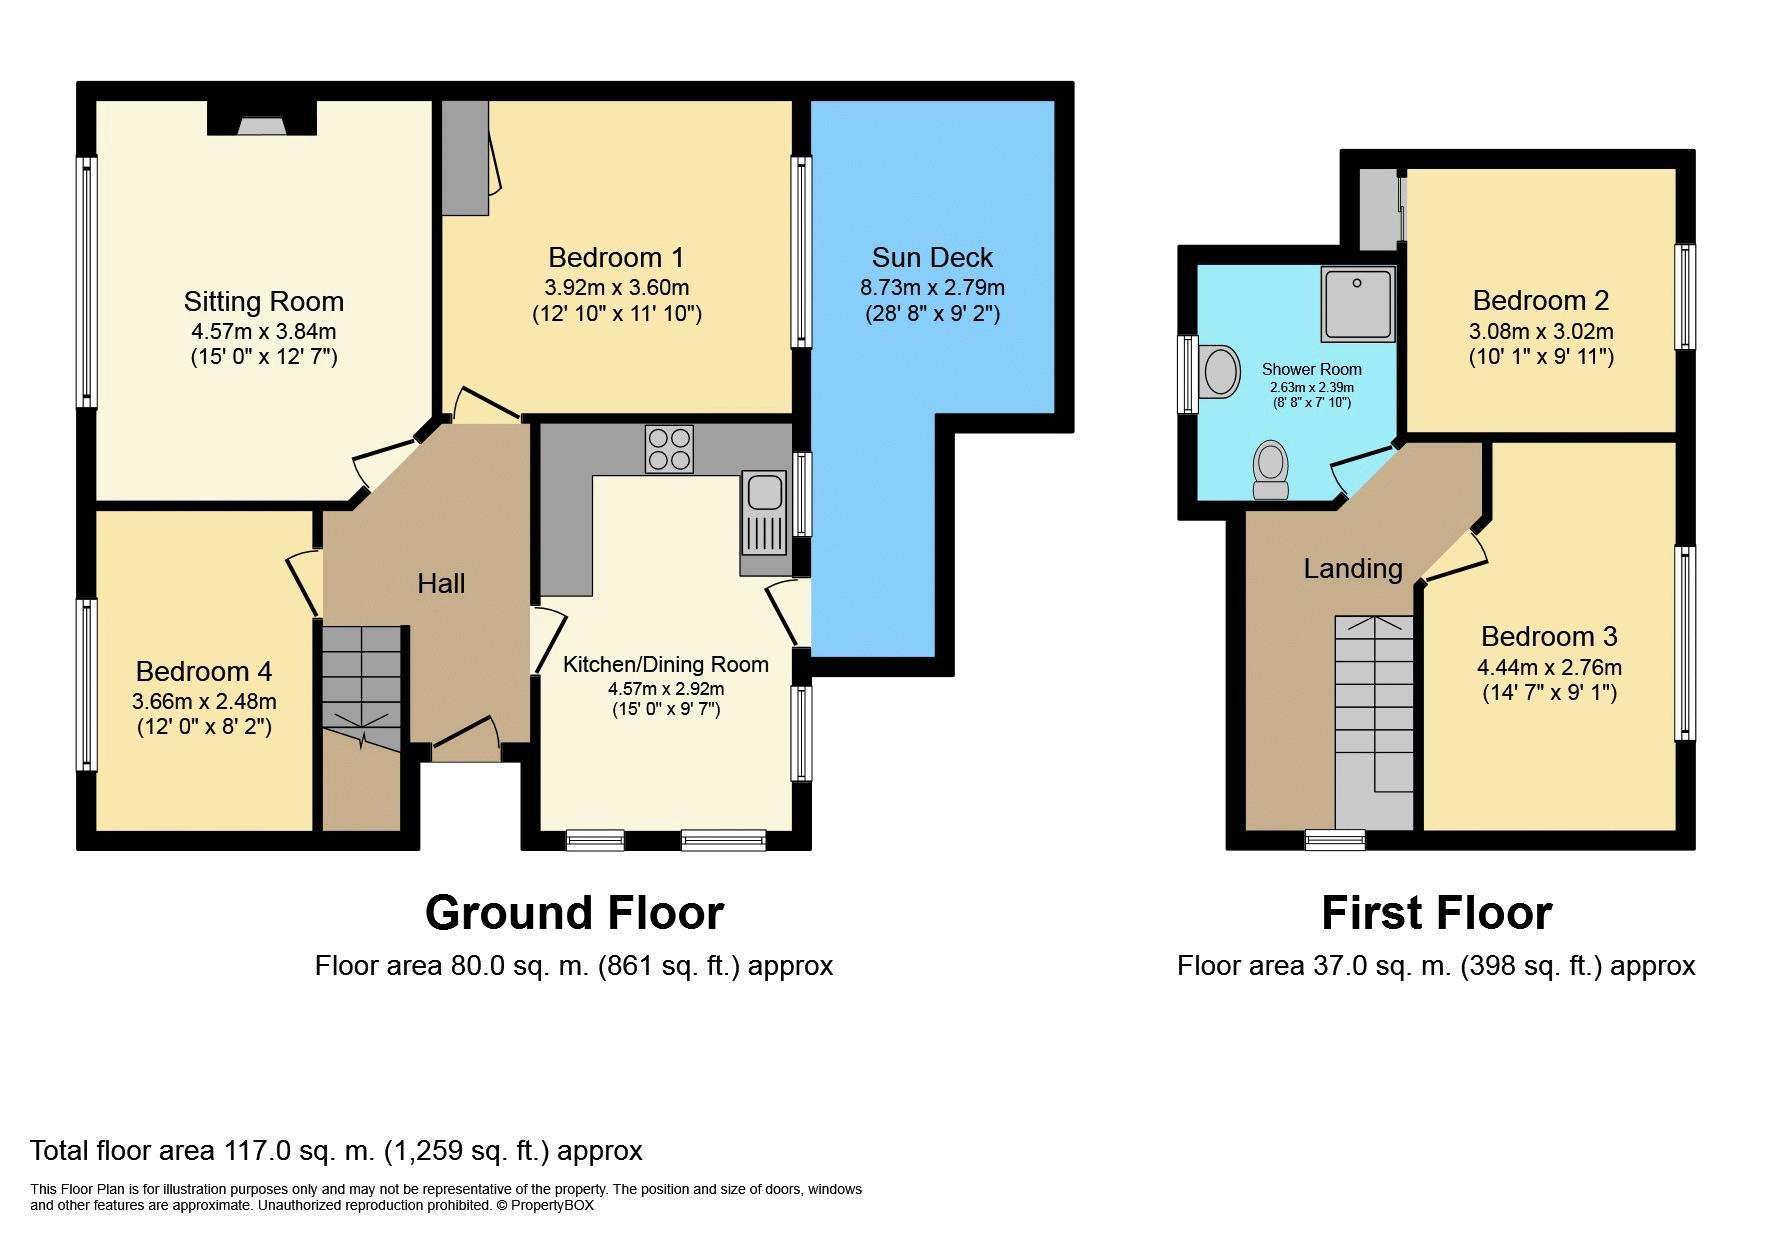 61 Scott Drive Floorplan